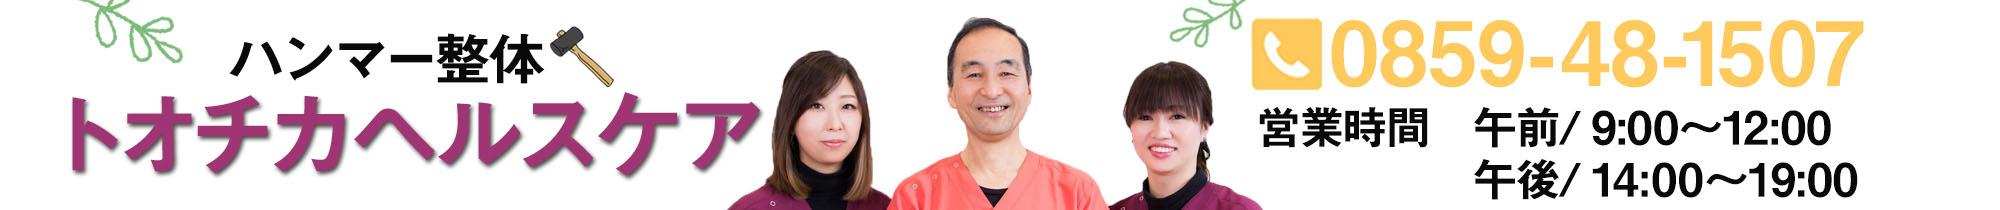 鳥取県米子市の整体ならハンマー療法のトオチカヘルスケア